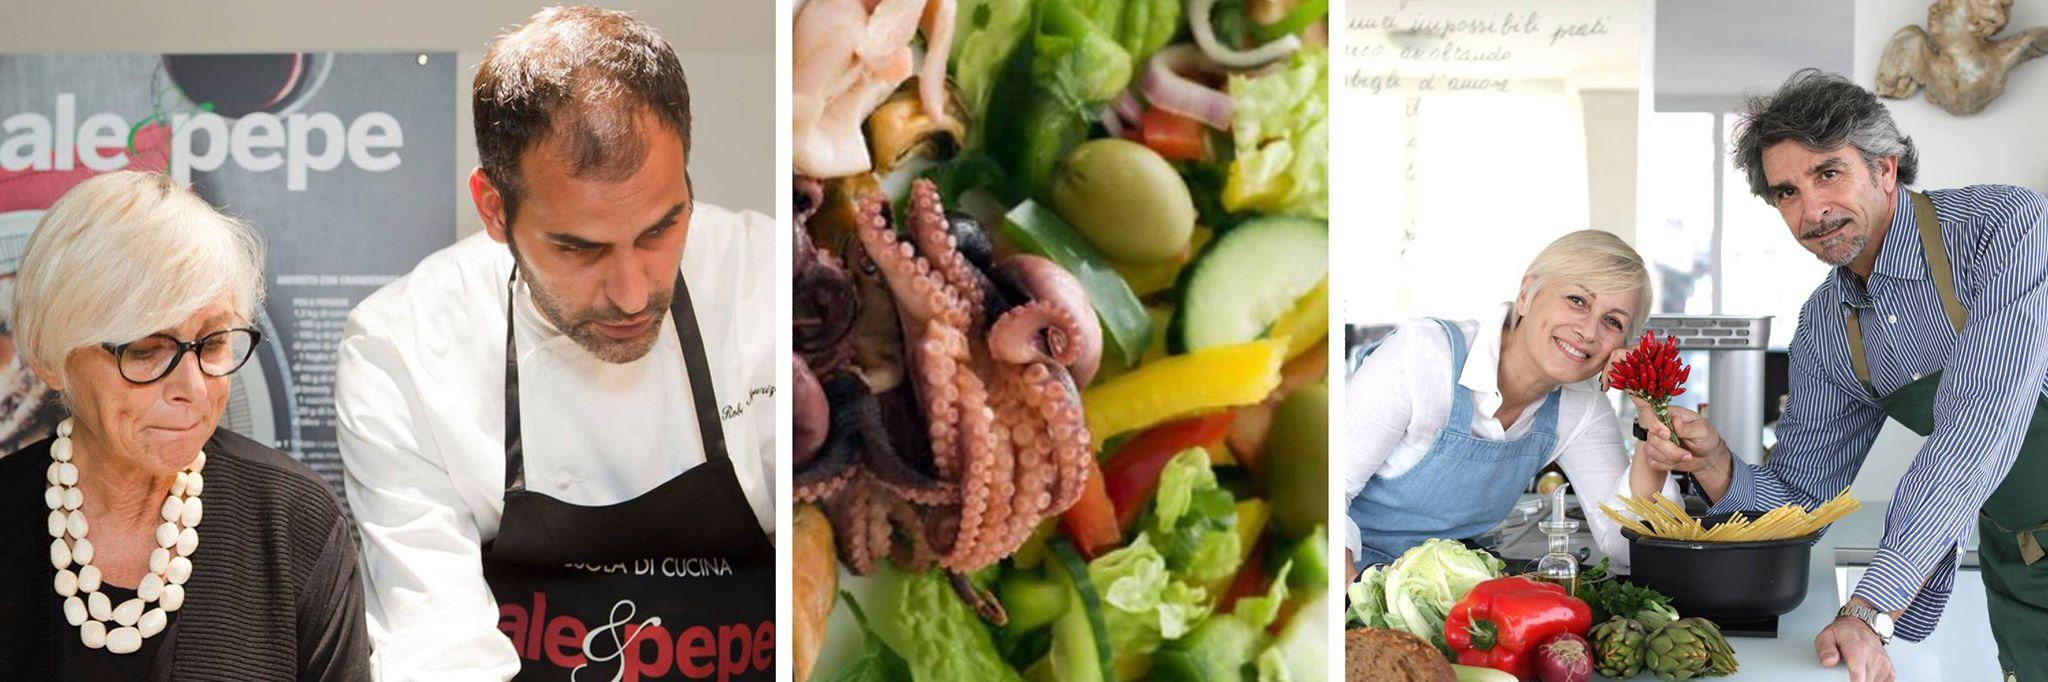 """La dottoressa Carla Lertola con Chef Roberto Maurizio di Sale&Pepe per lo showcooking """"Il benessere in cucina"""" e con il biologo-chef Fiorenzo Frumento. Credits: Starbene (c)"""